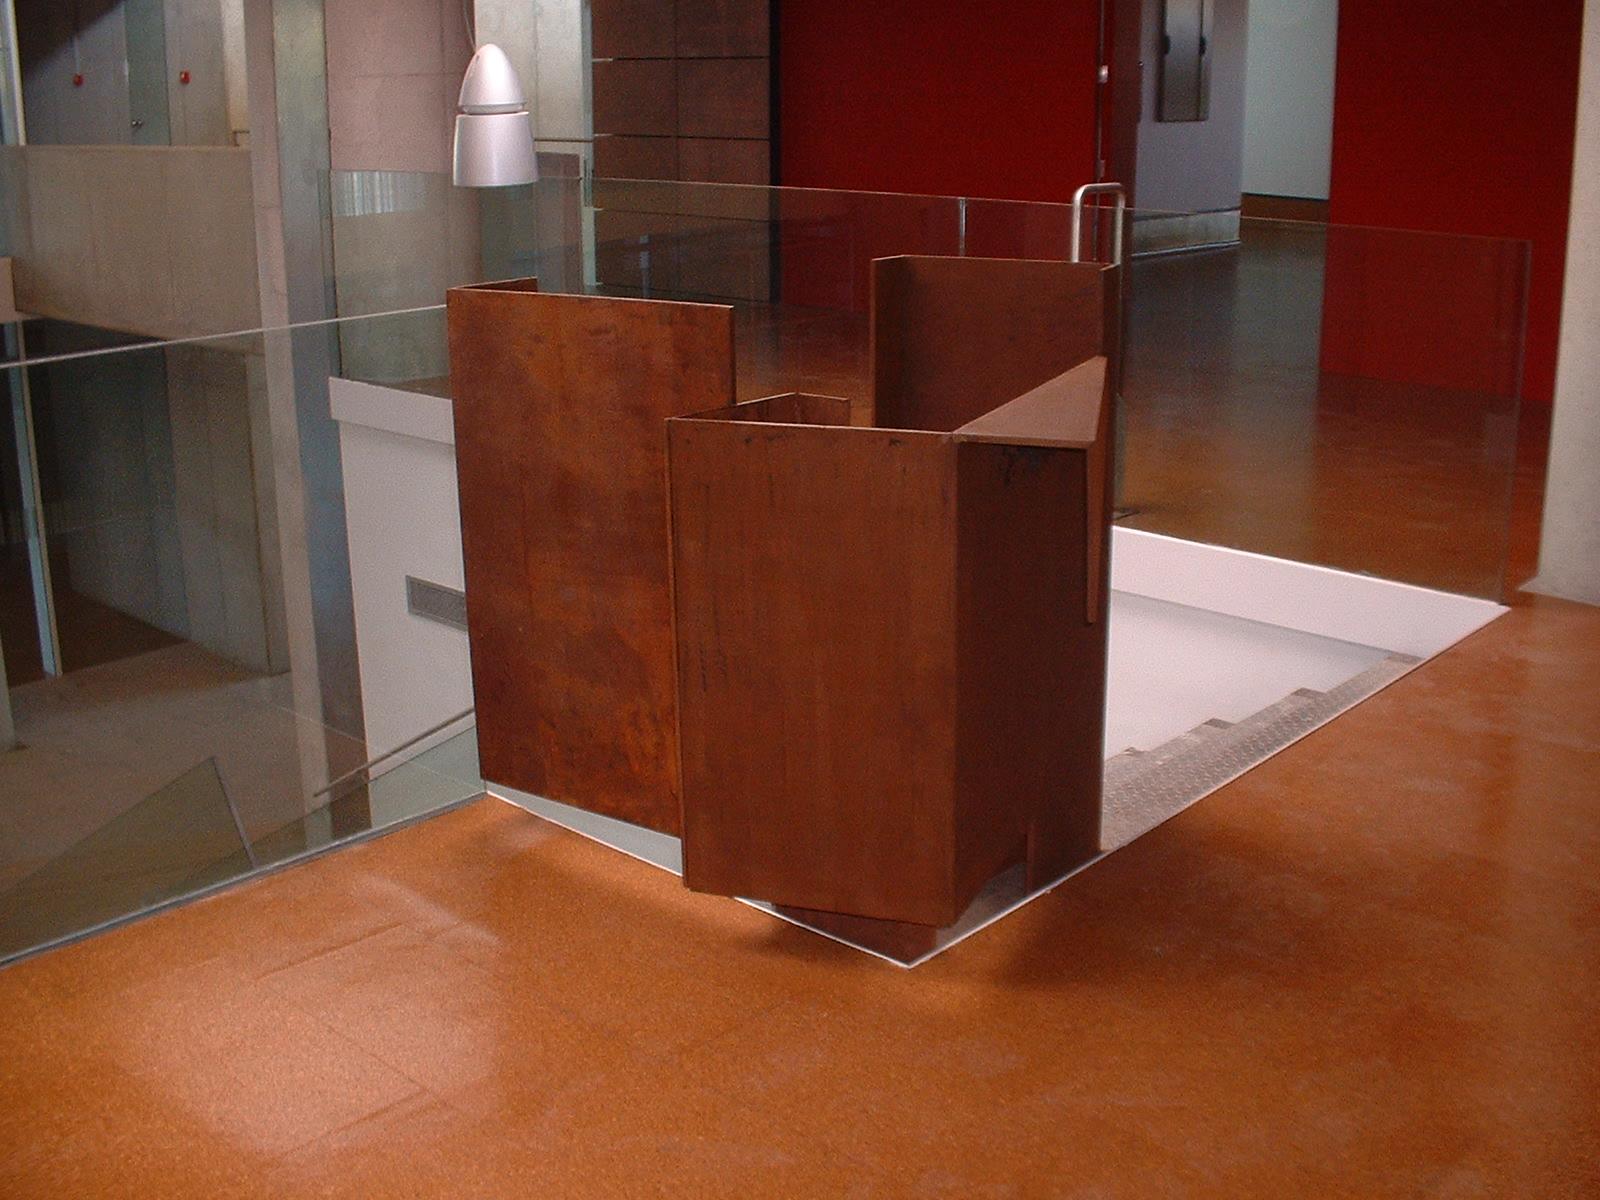 Esculturas construcciones met licas caravaca for Acero corten perforado oxidado